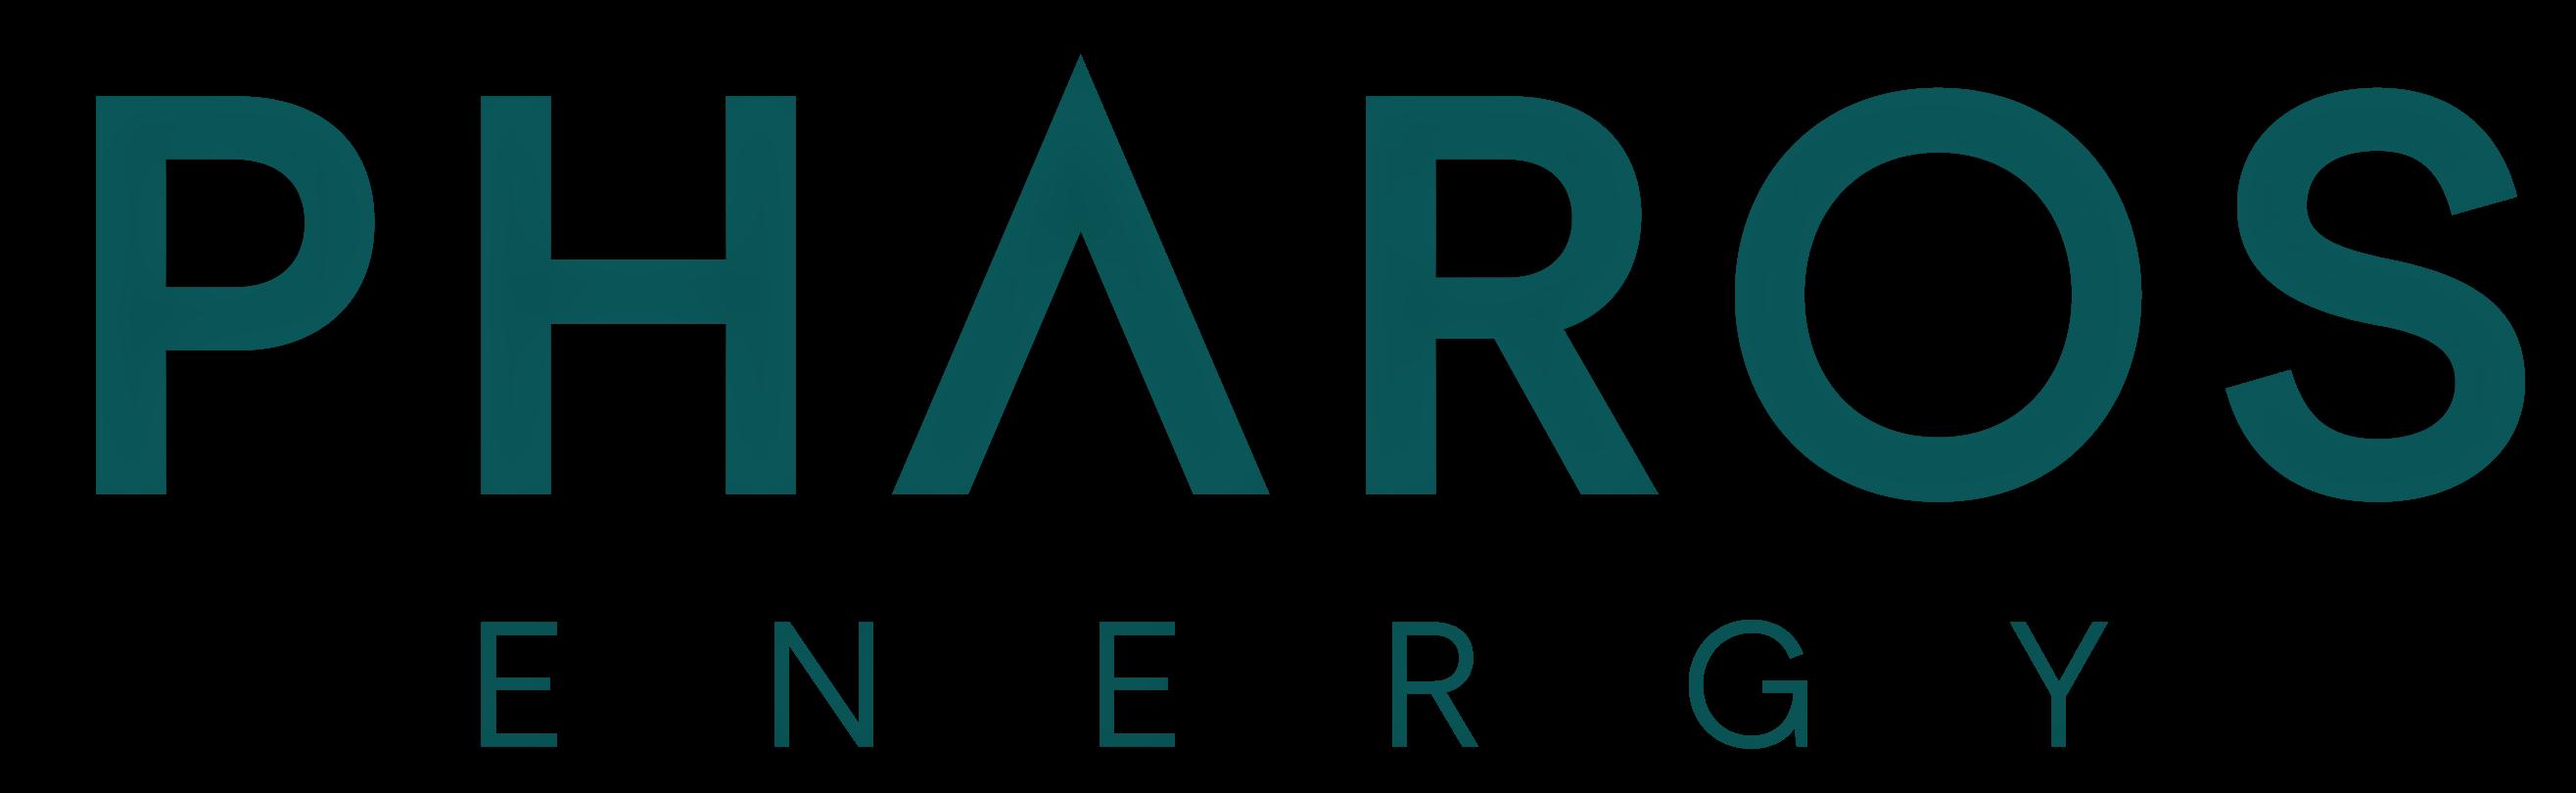 PHAROS ENERGY PLC Logo